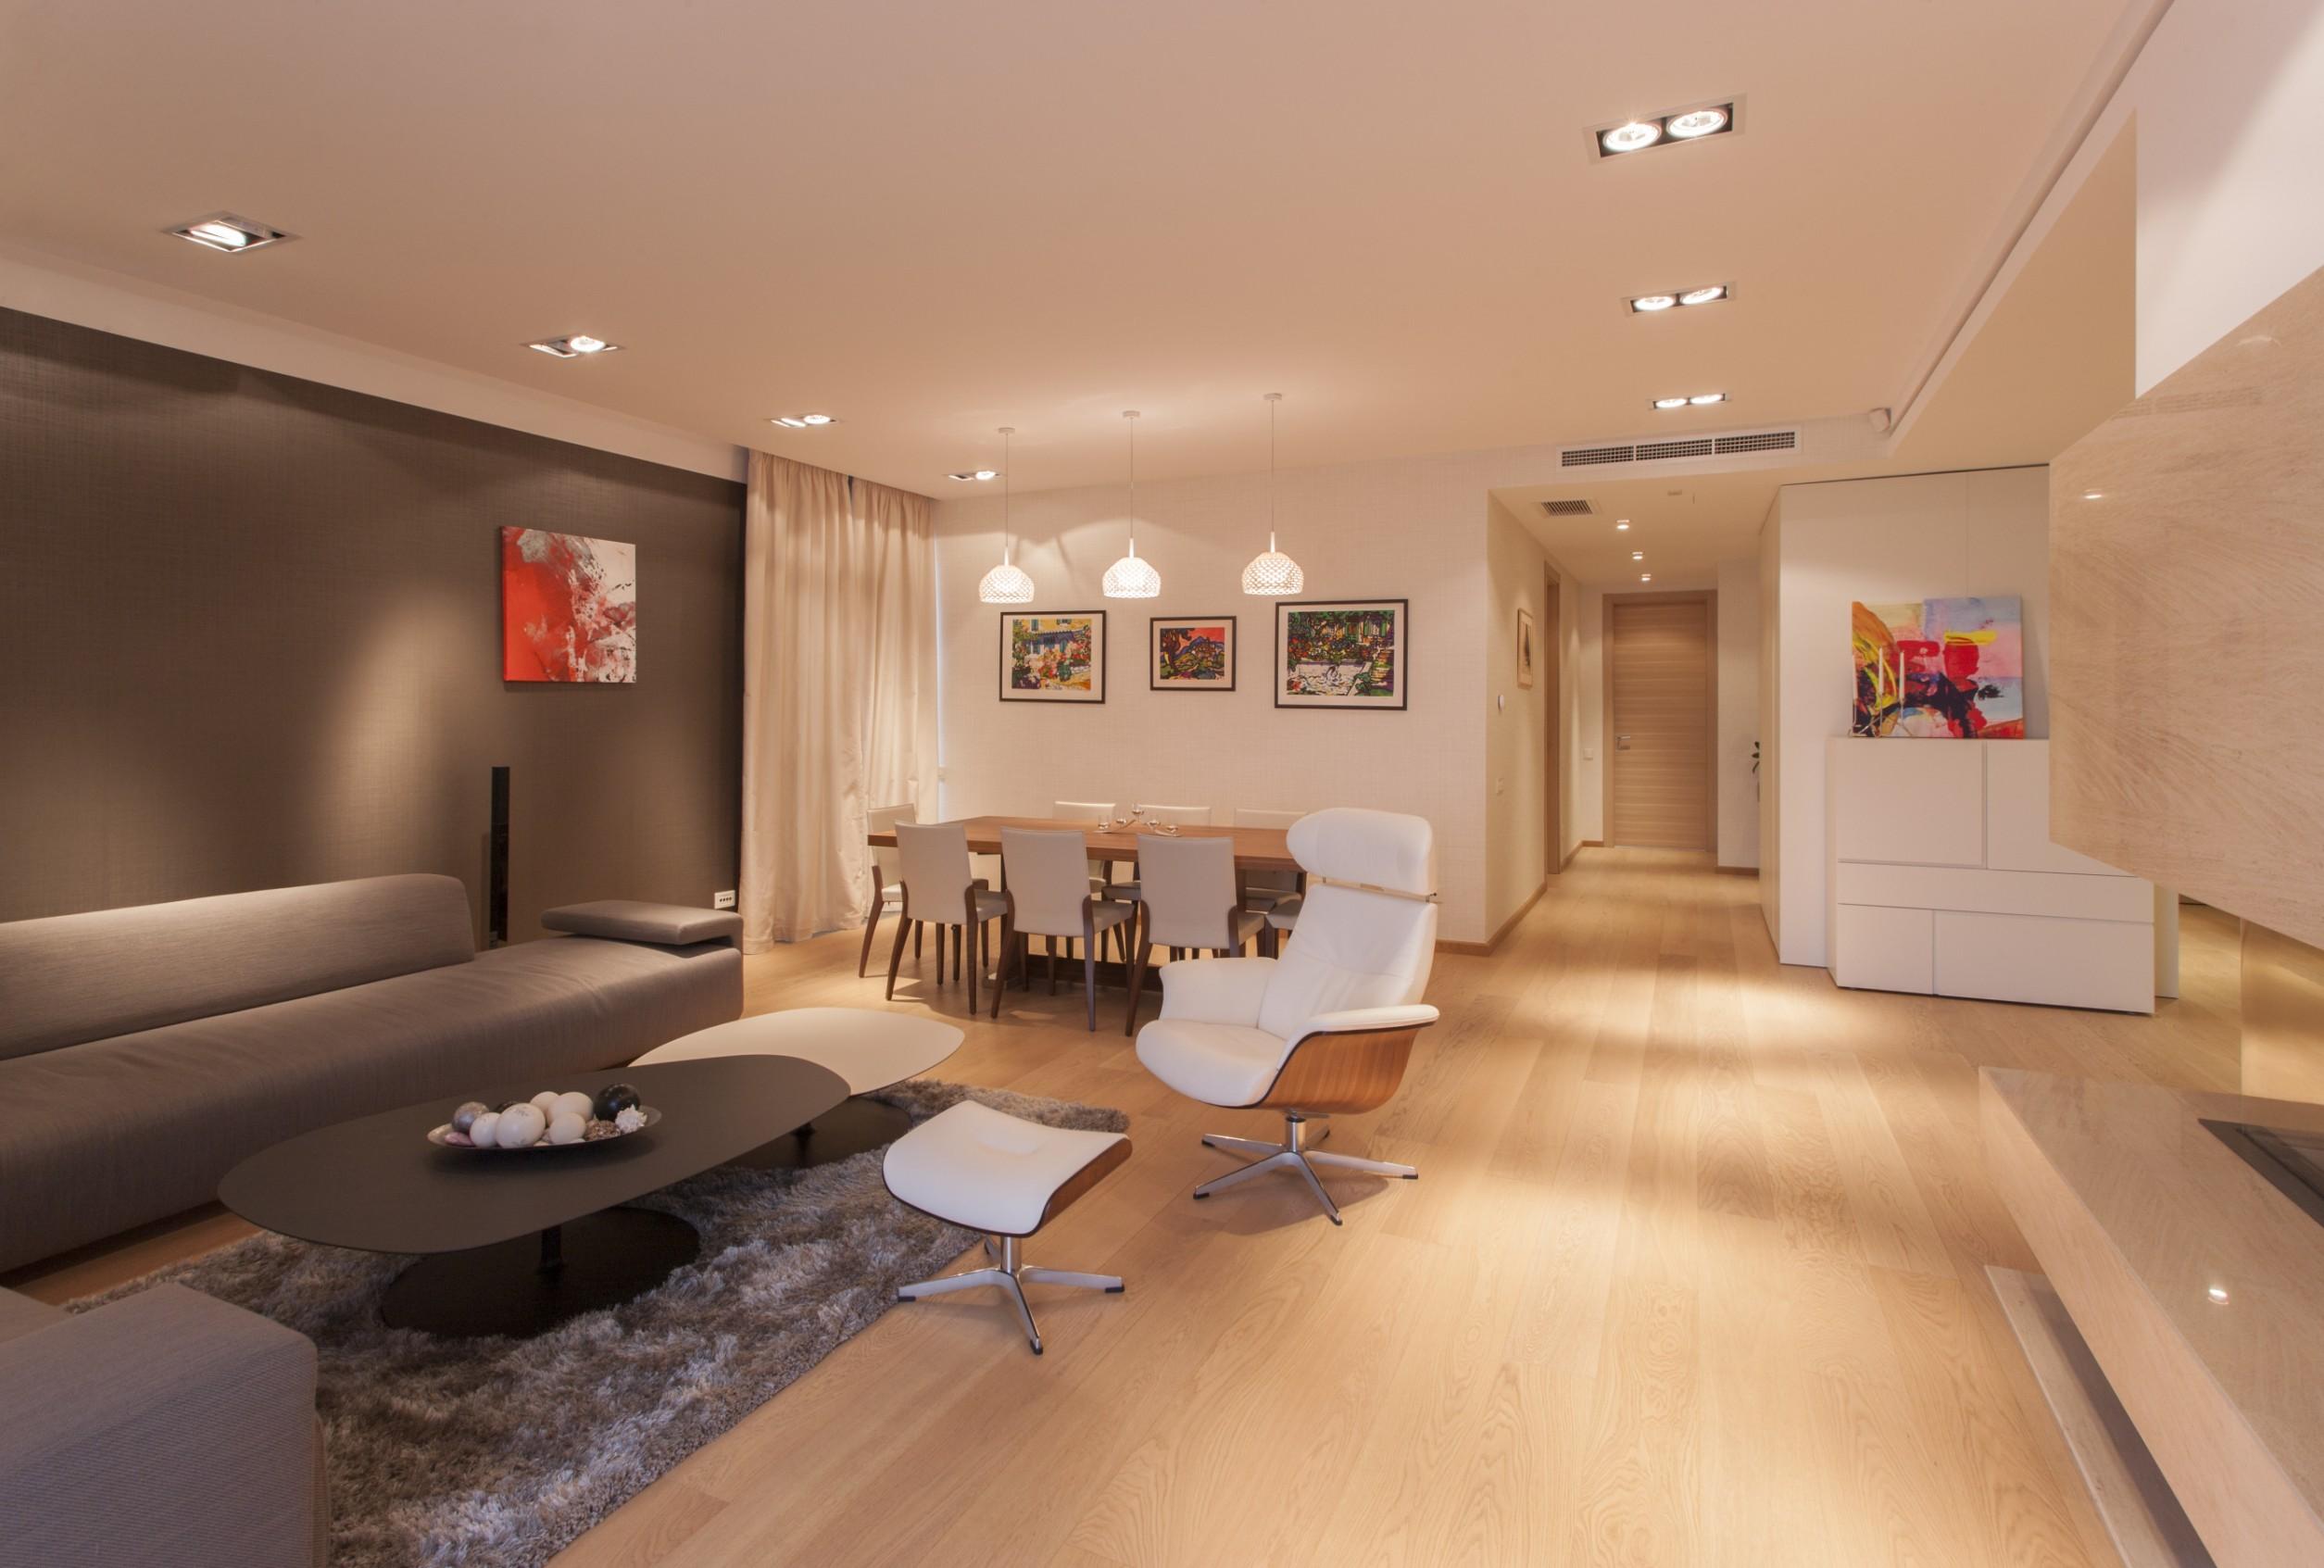 https://nbc-arhitect.ro/wp-content/uploads/2020/10/NBC-Arhitect-_-Petofi-Sandor-_-Housing-_-interior-design_13.jpg